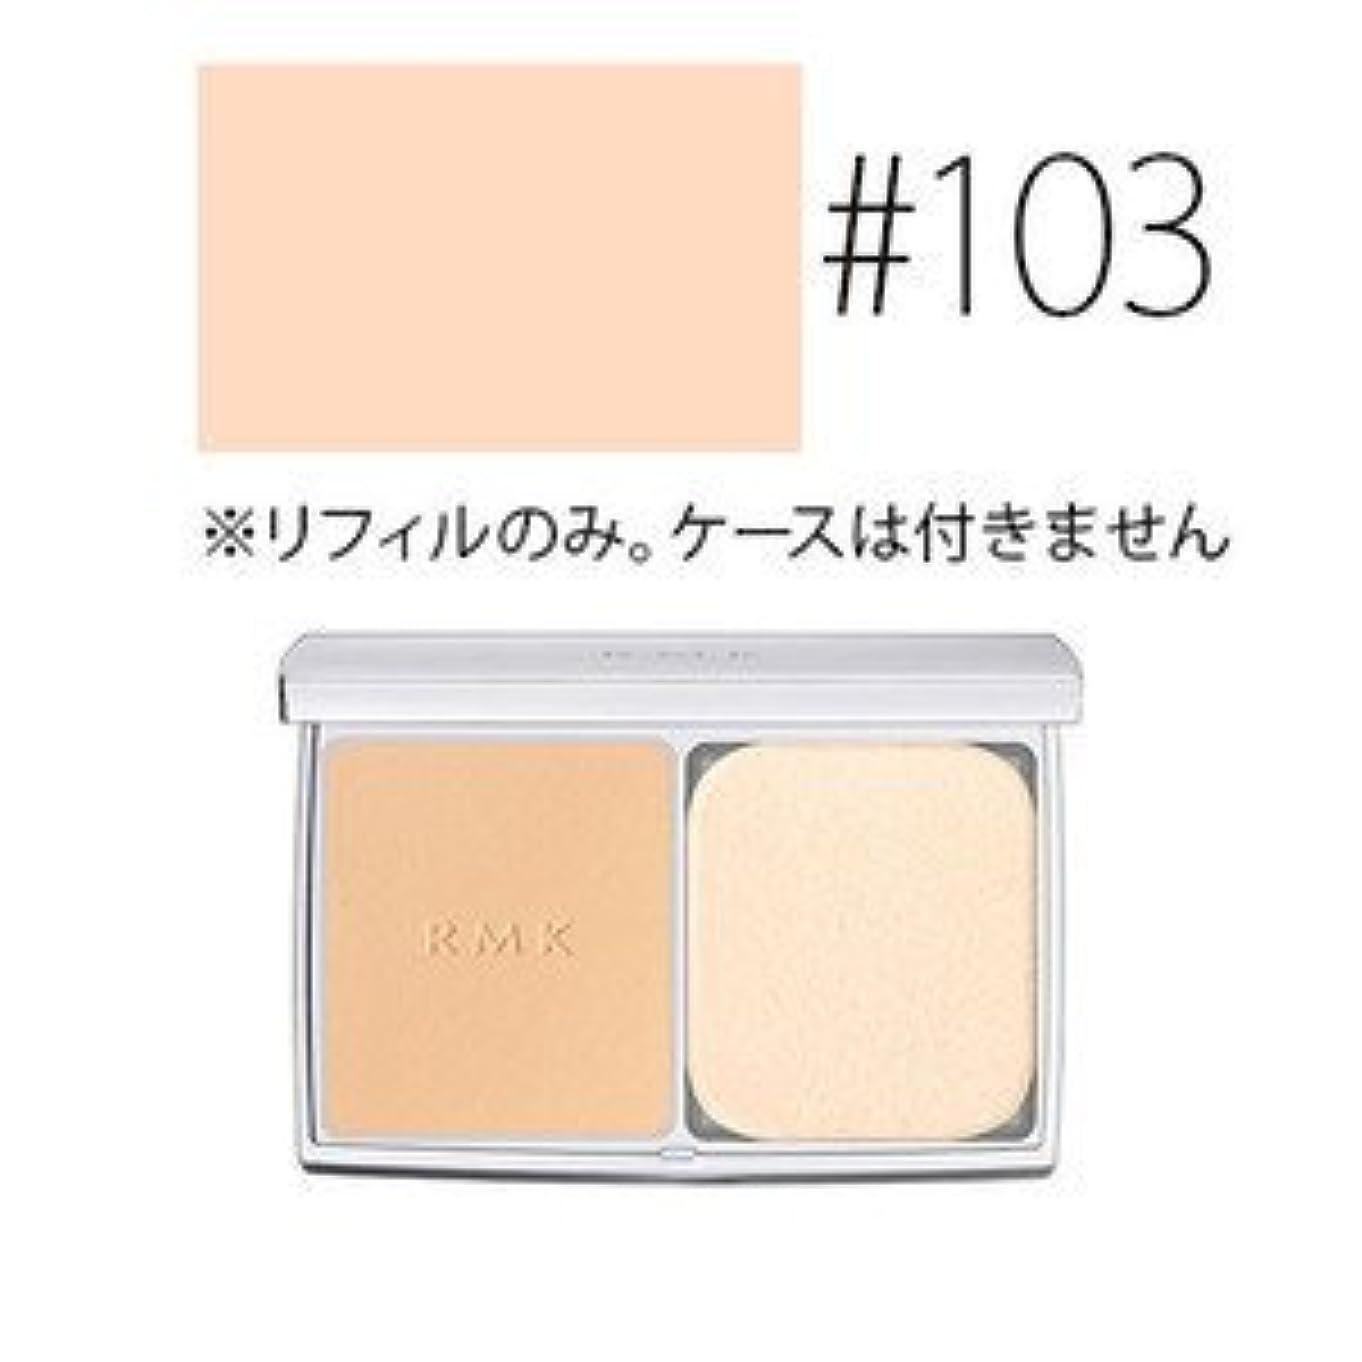 三番アヒルタンク【RMK (ルミコ)】UVパウダーファンデーション (レフィル) #103L 11g